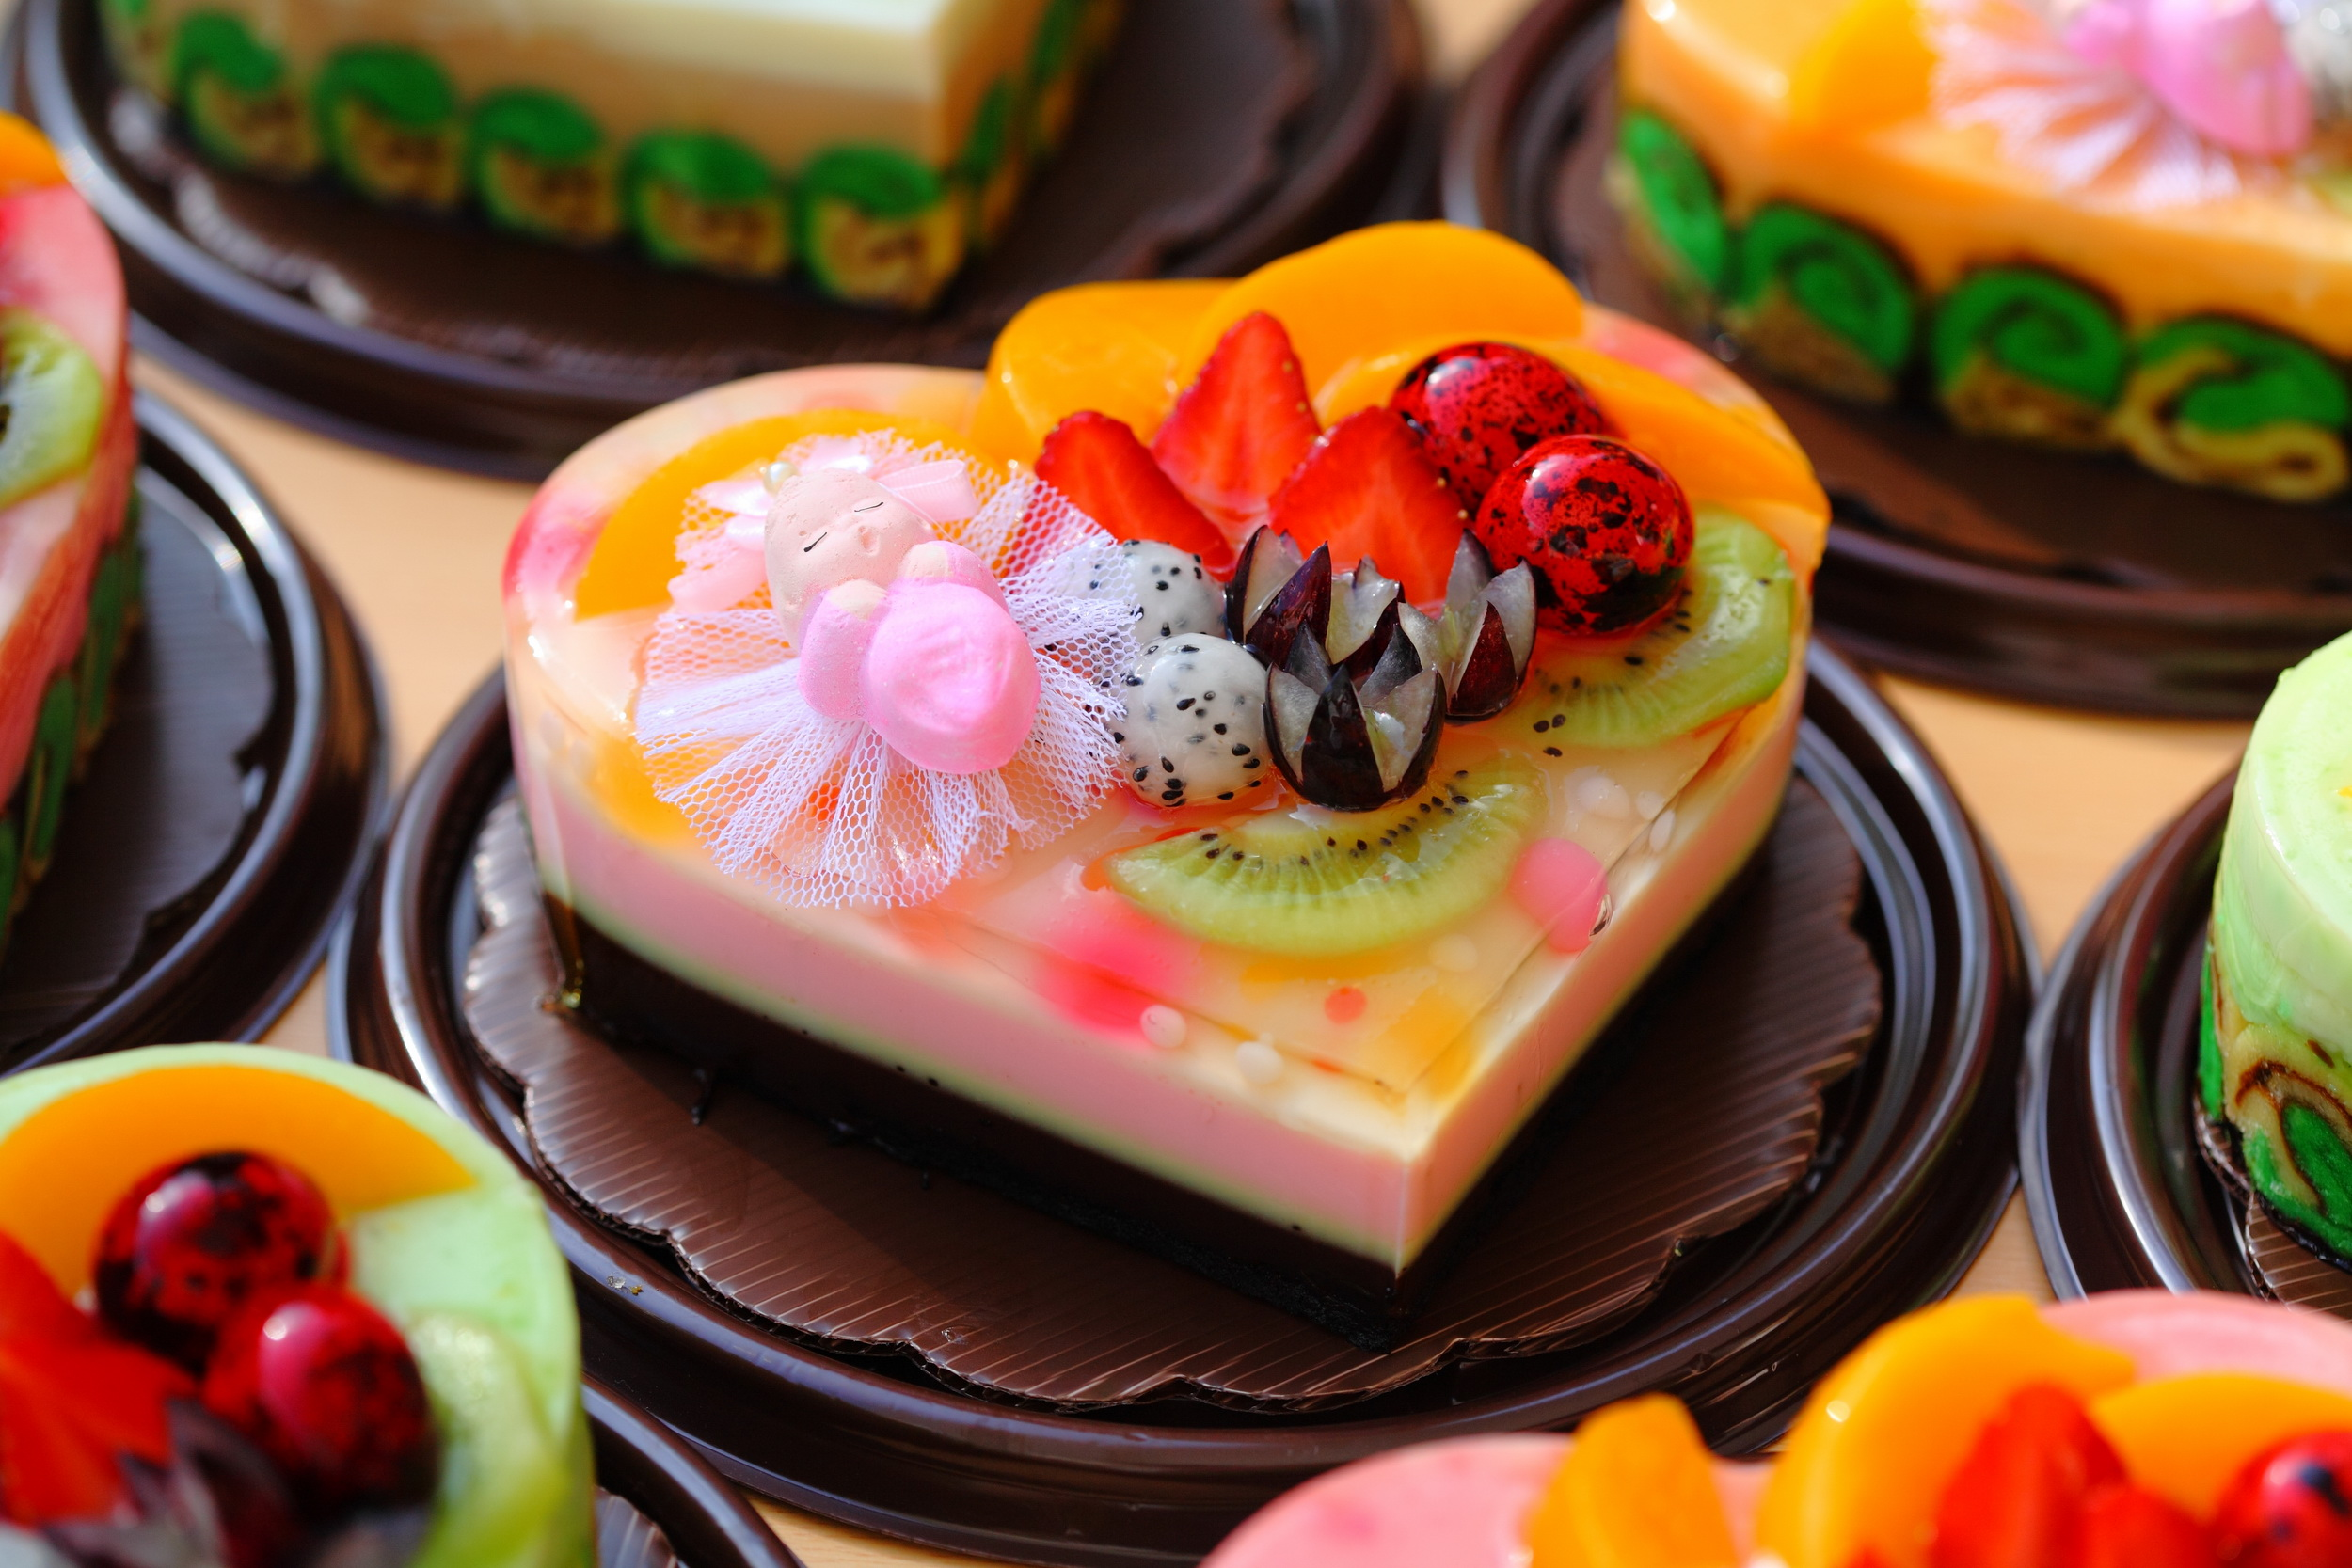 Fruit Pudding lyche Manyee 16cm Hati